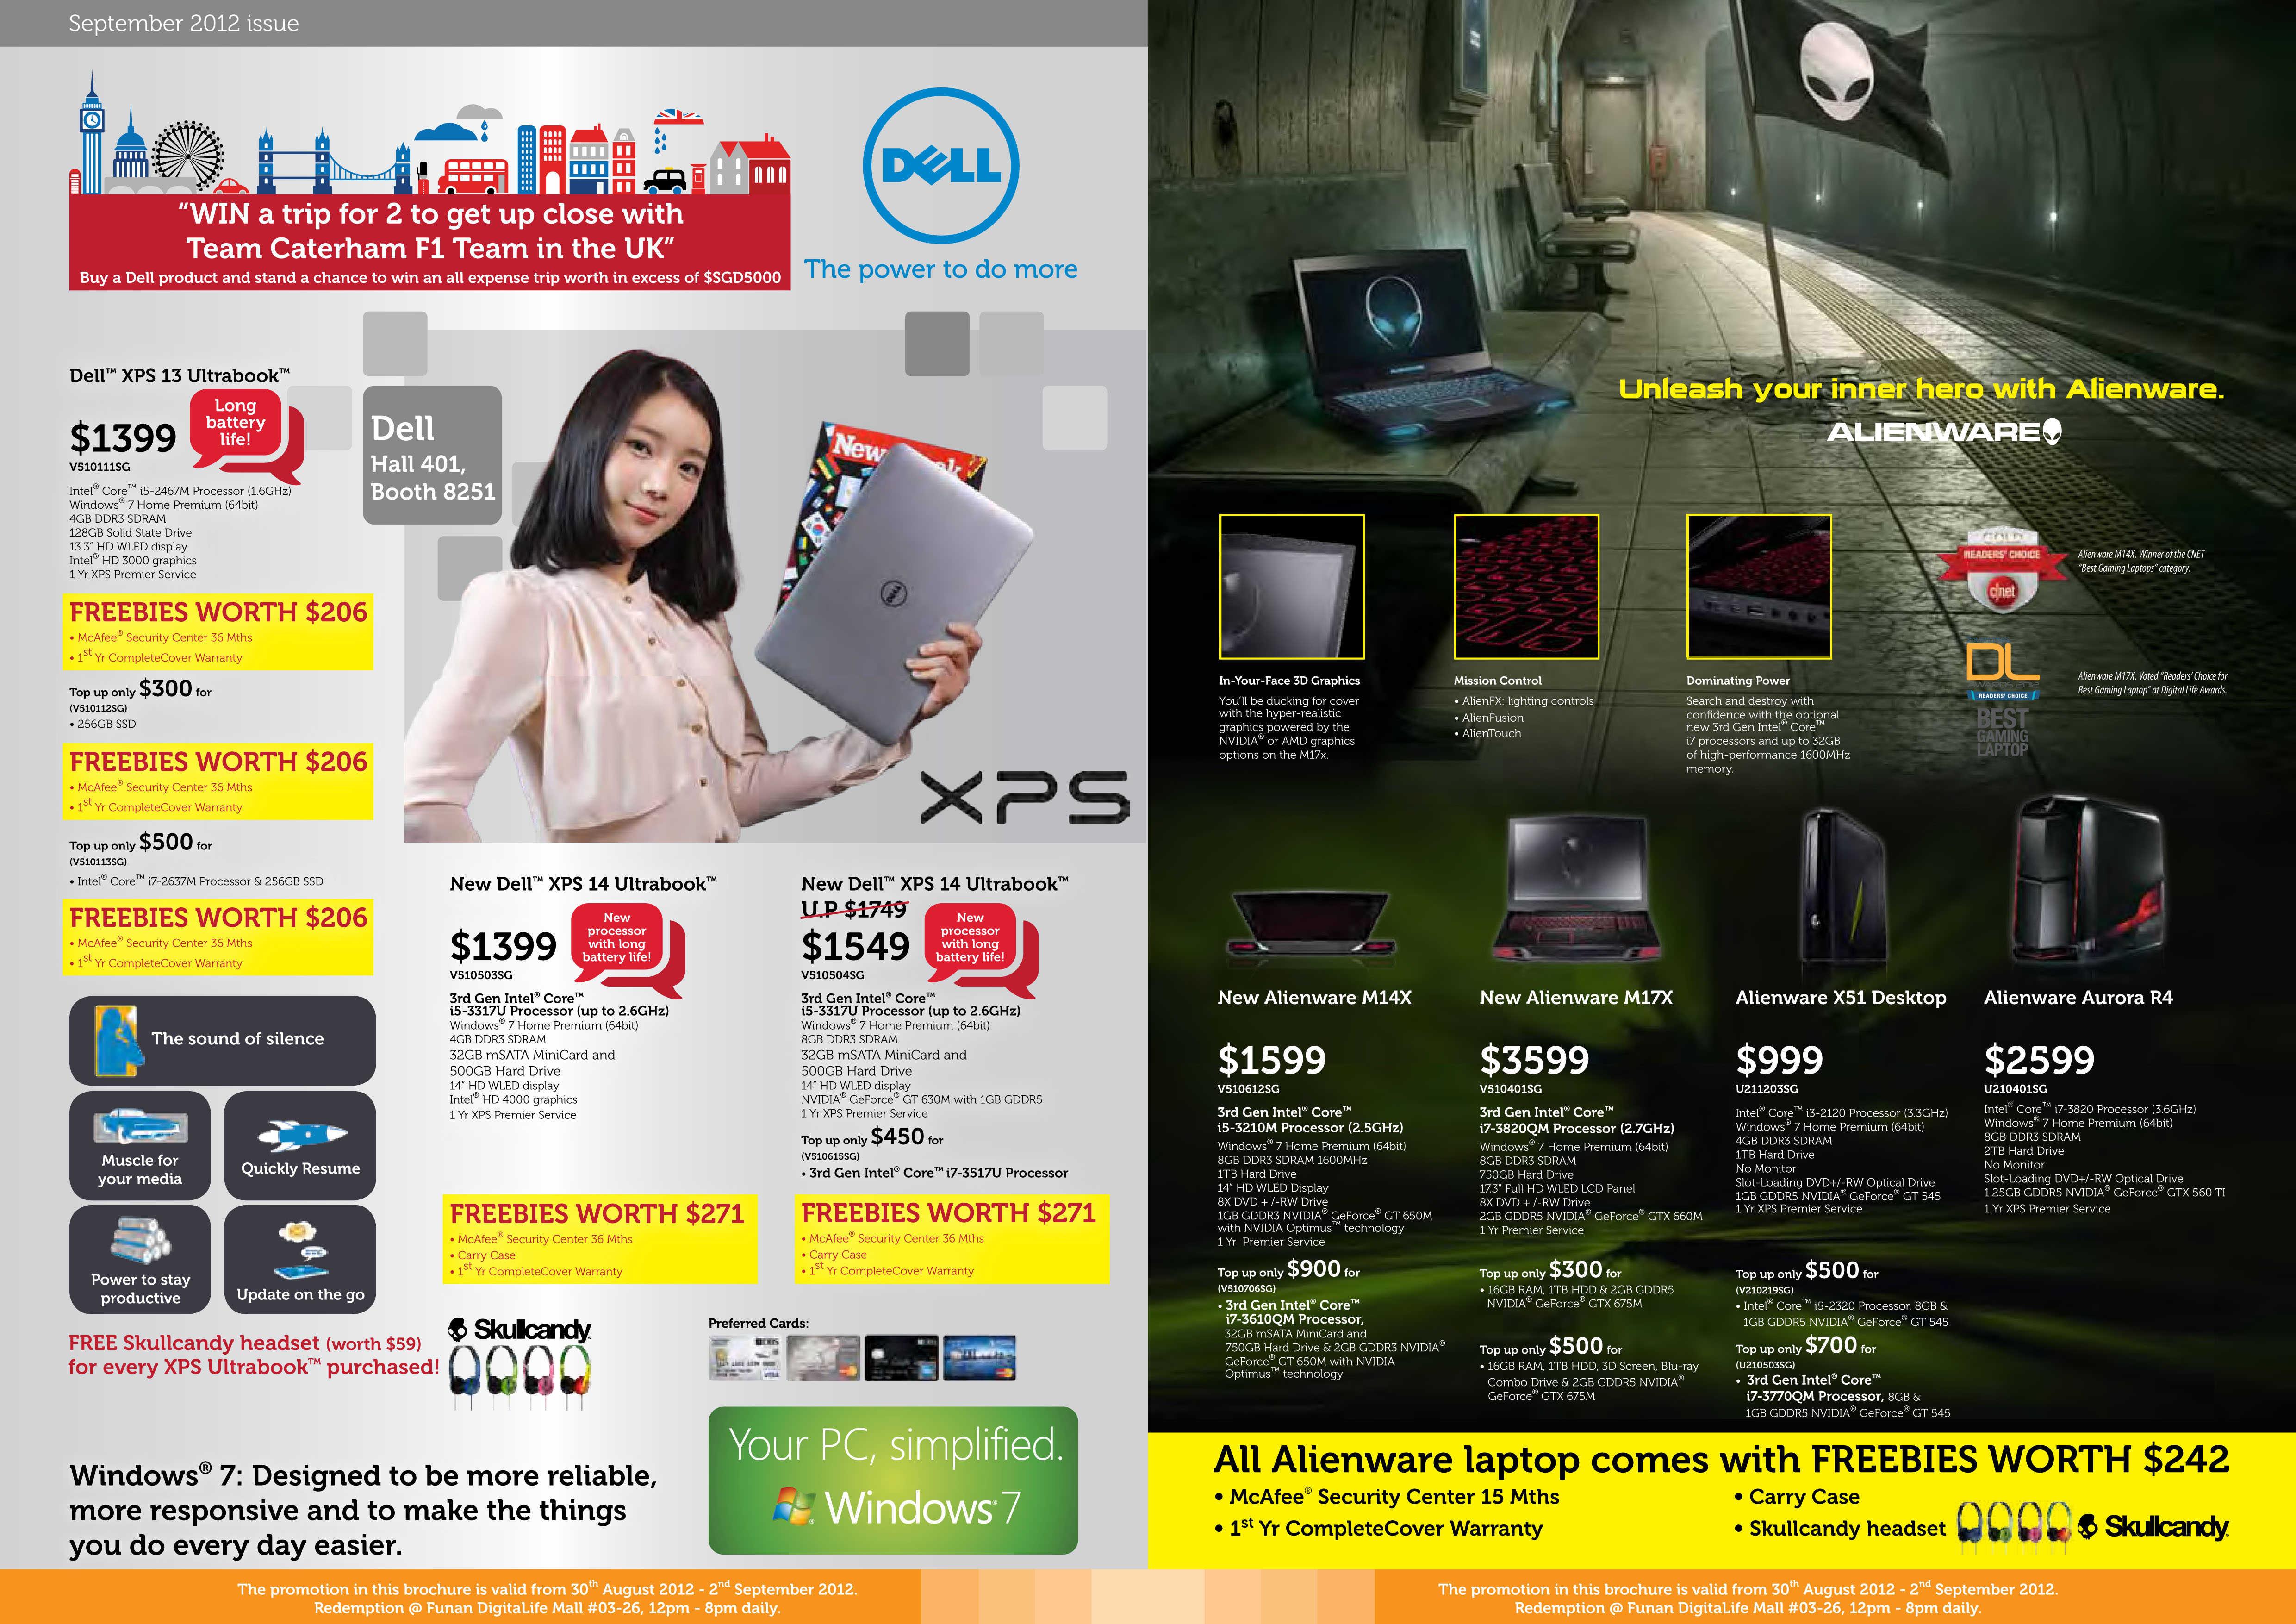 Dell Main booth COMEX 2012 Pricelist 2